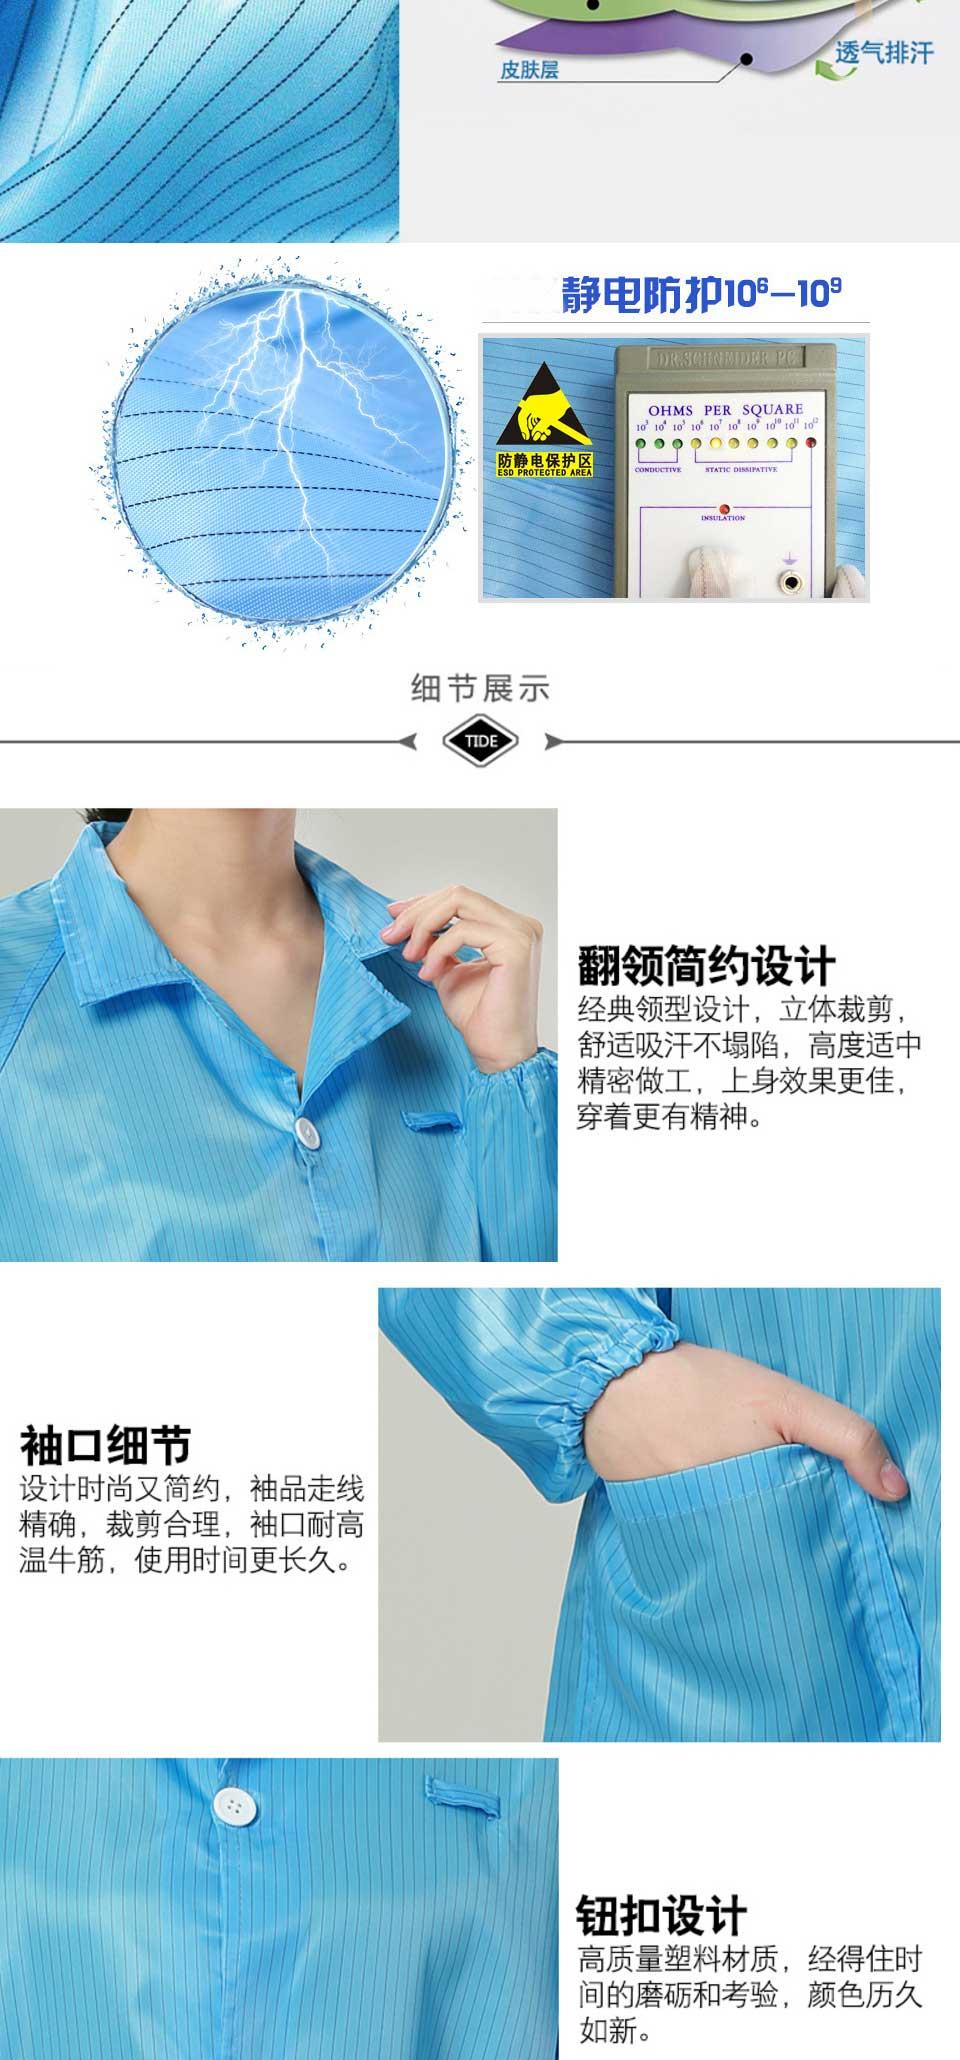 防靜電綢條紋大褂服細節圖